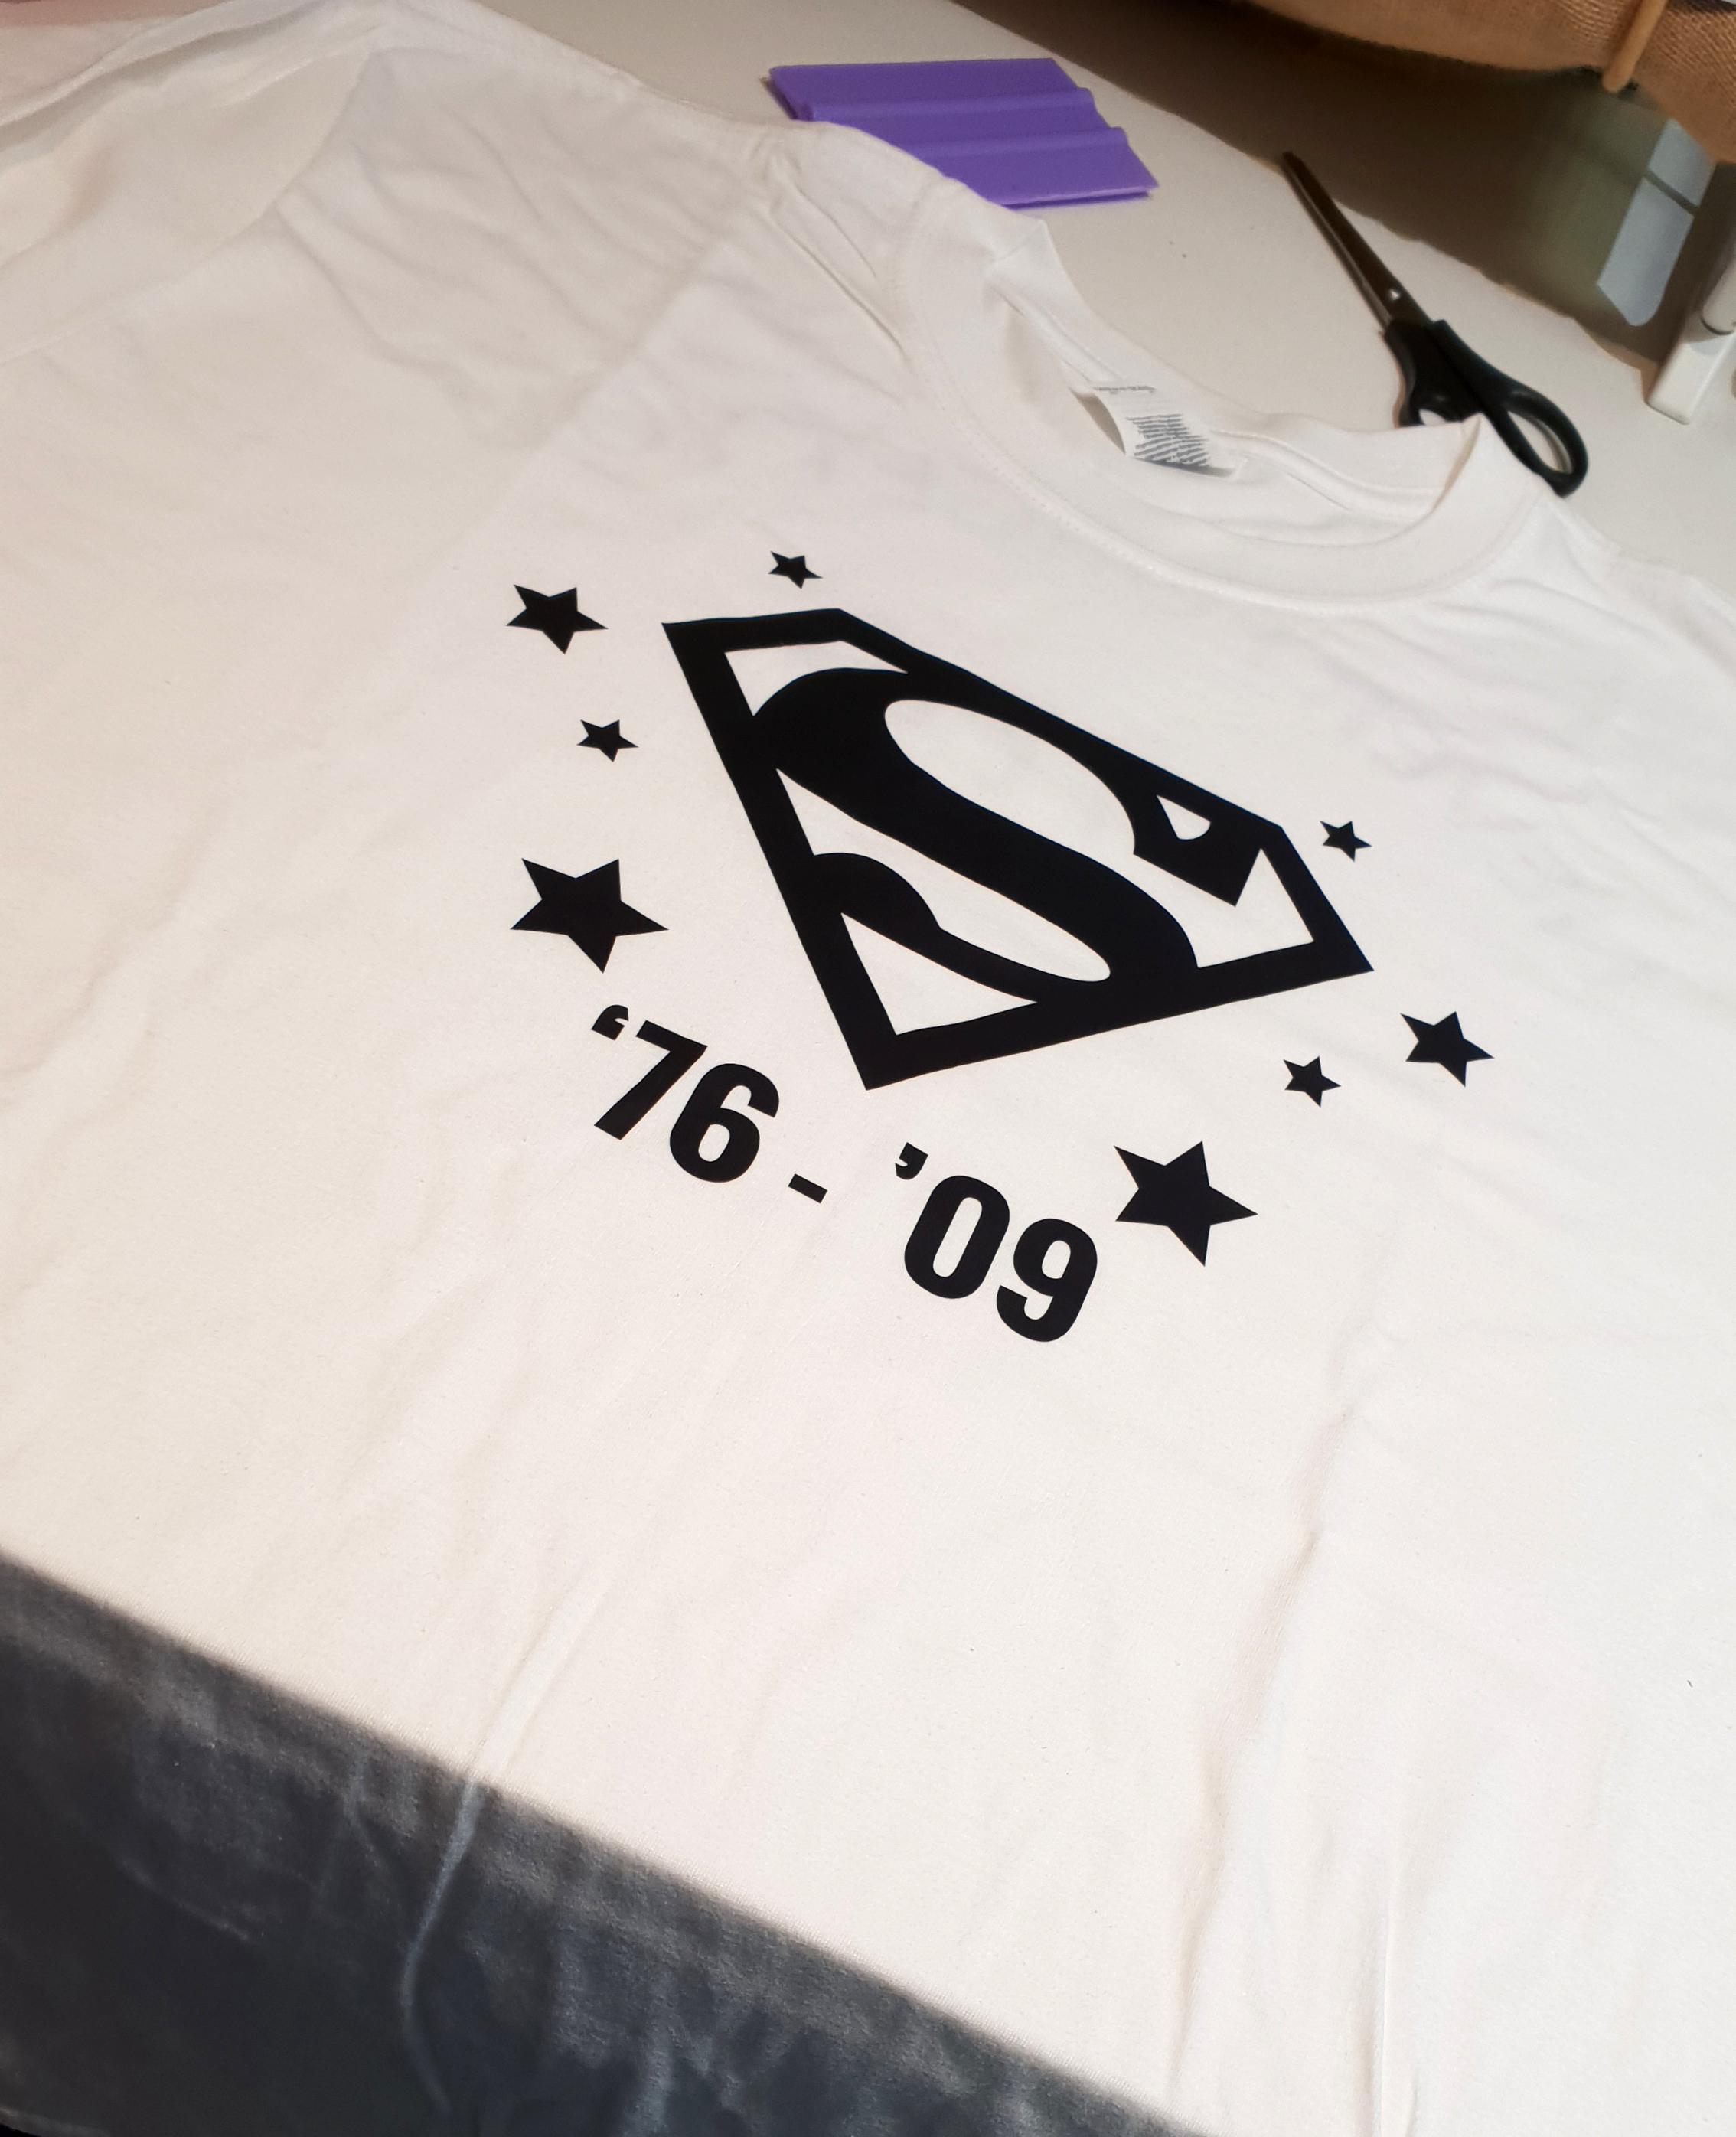 Tshirt Printing Design Image Personalised Diy Screen Print